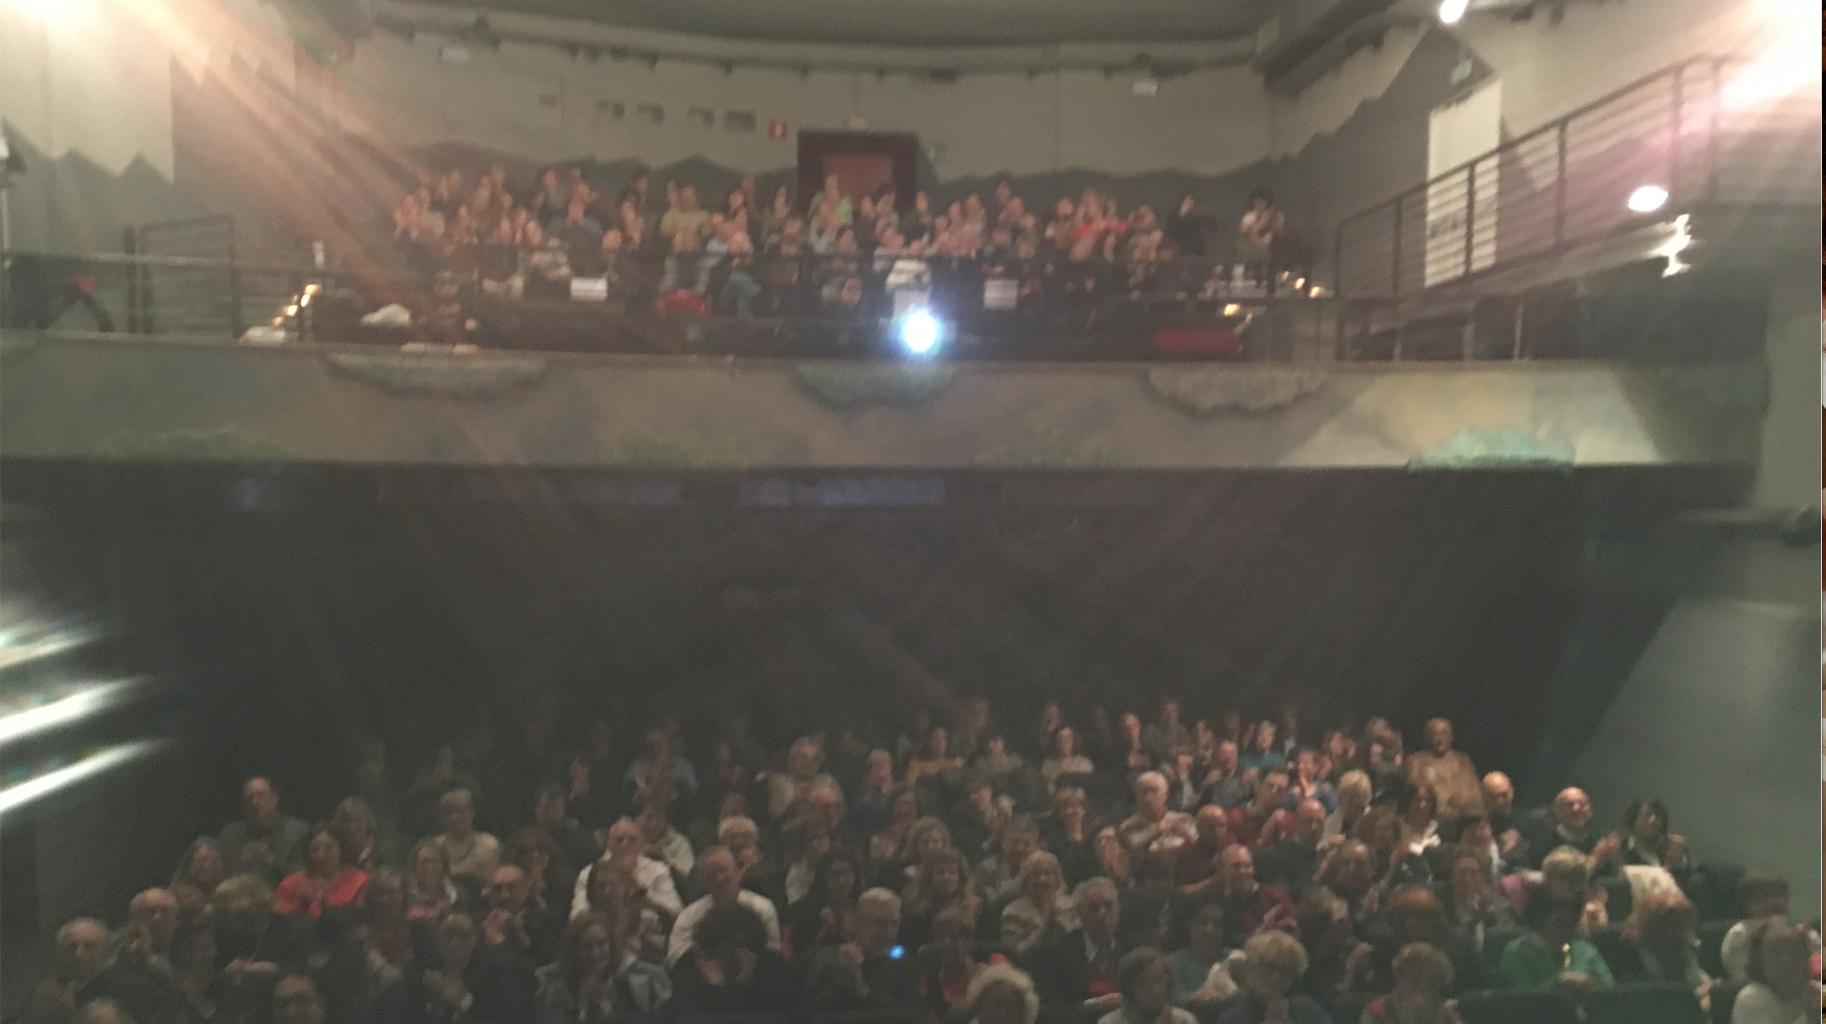 Il mio racconto delle tre date del MONOLOGO QUANTISTICO al Teatro Miela di Trieste sold out con 300 persone a sera, e poi tanto altro su questa città…tutto bellissimo!